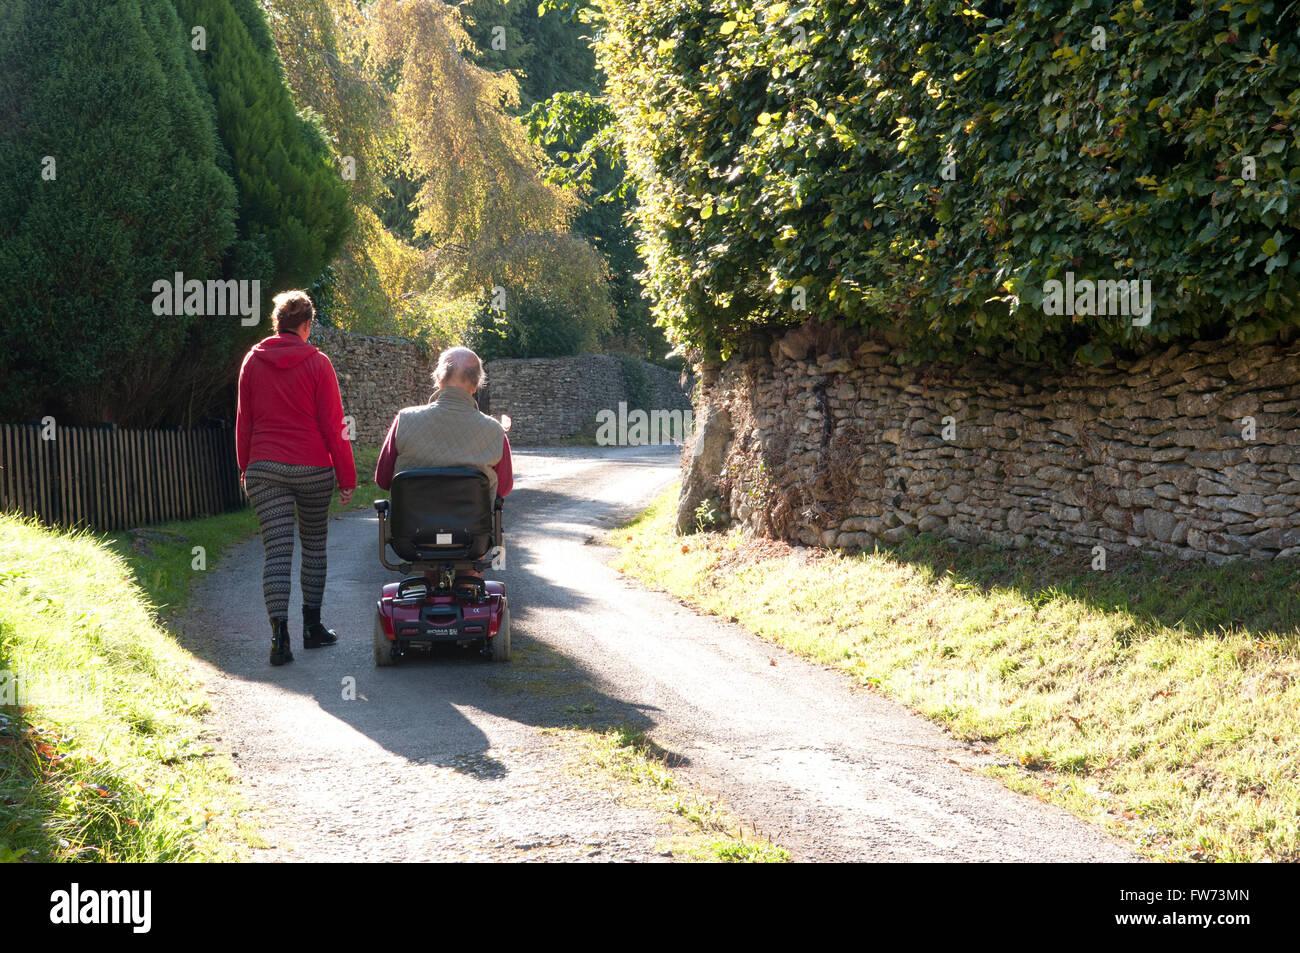 Rückansicht eines älteren Mannes mit seinem Betreuer zu Fuß neben ihm ein Elektromobil Stockbild